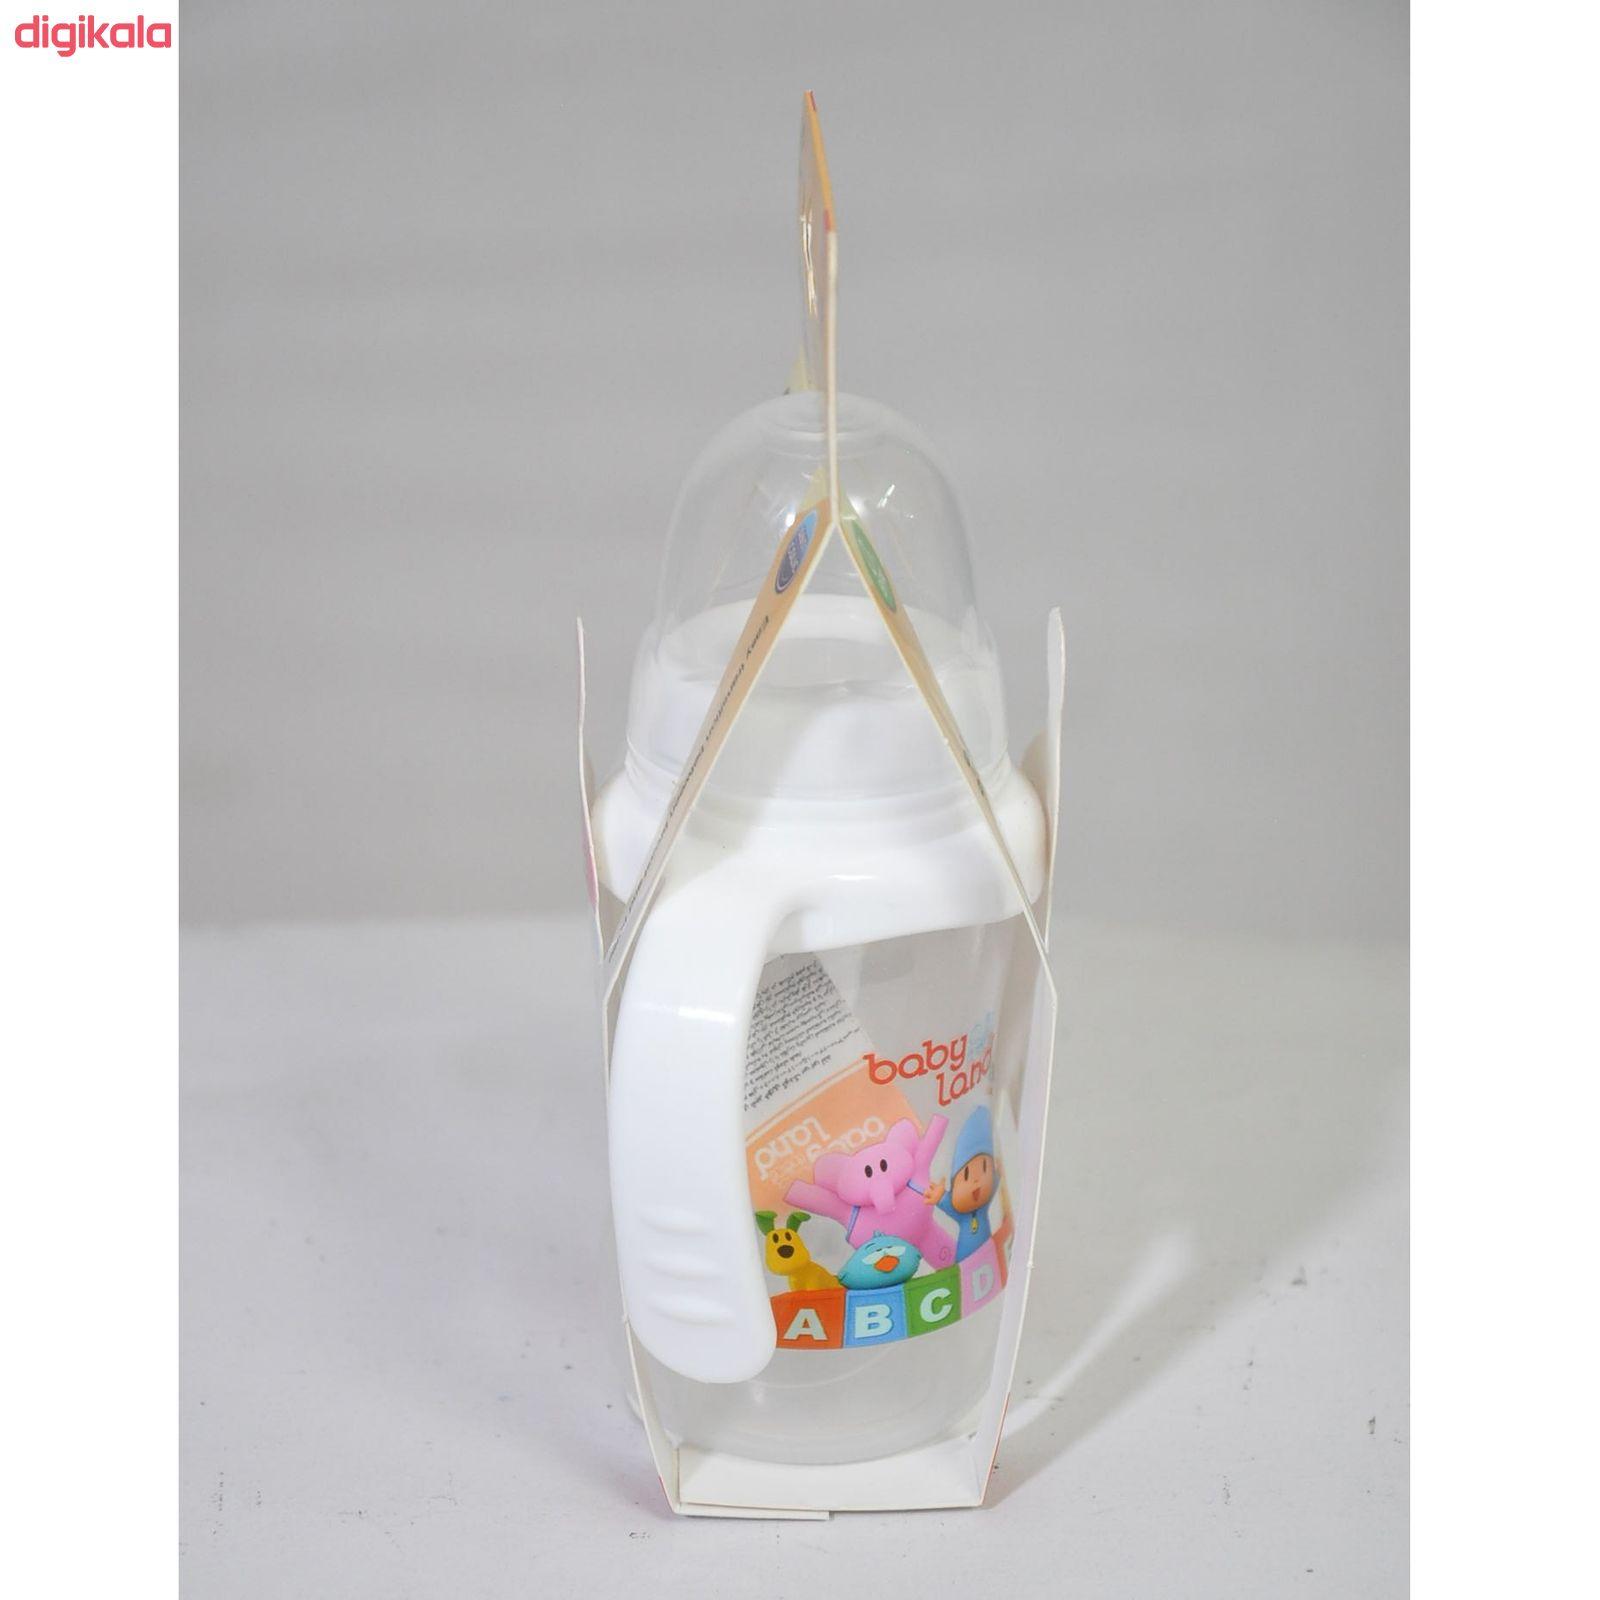 شیشه شیر بیبی لند مدل 360 ظرفیت 150 میلی لیتر main 1 2